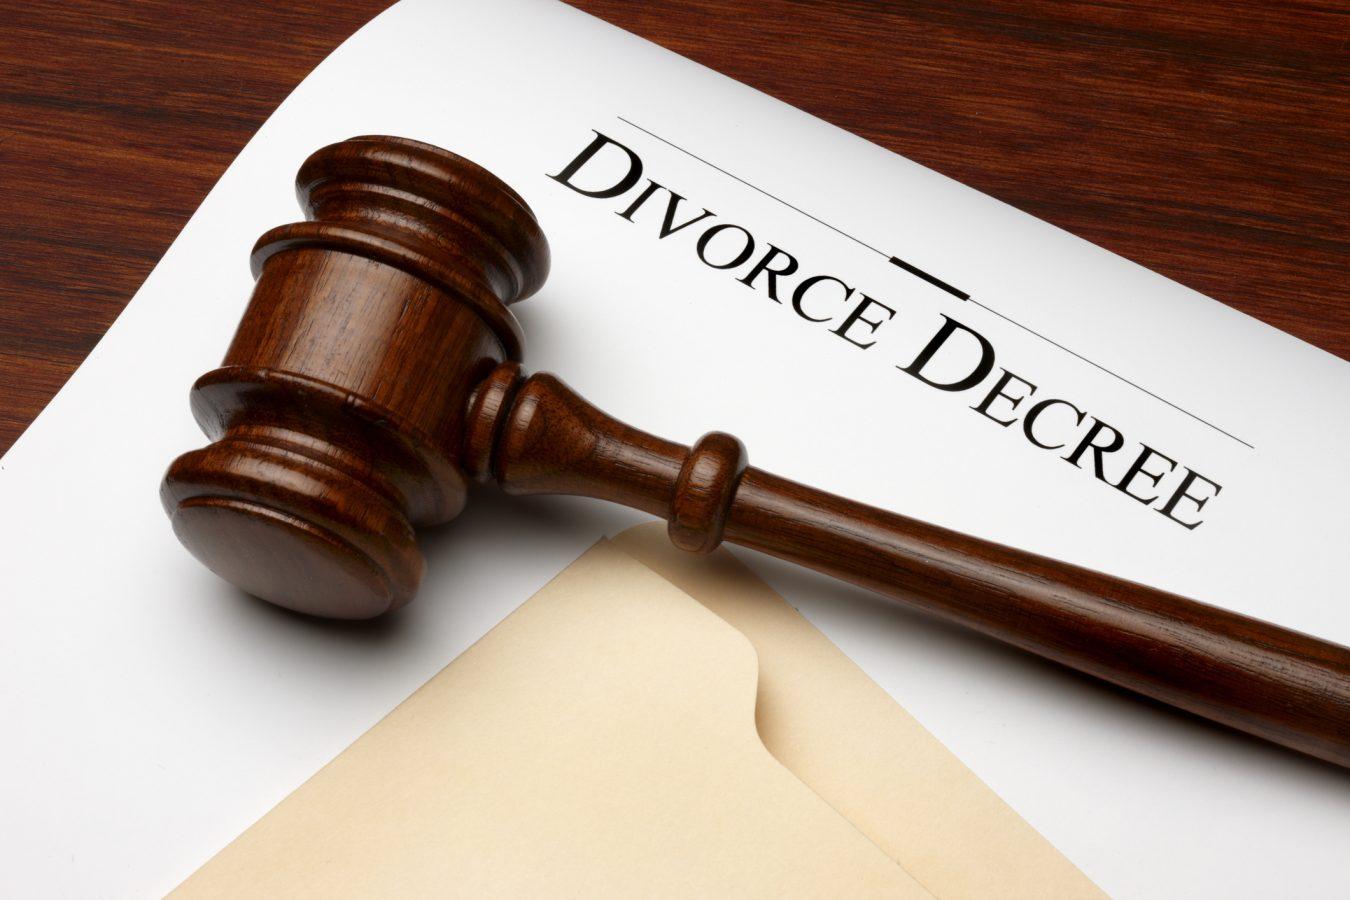 Bitcoin rifugio sicuro nei casi di divorzio per non pagare alimenti - Come non pagare alimenti in caso di divorzio con i Bitcoin